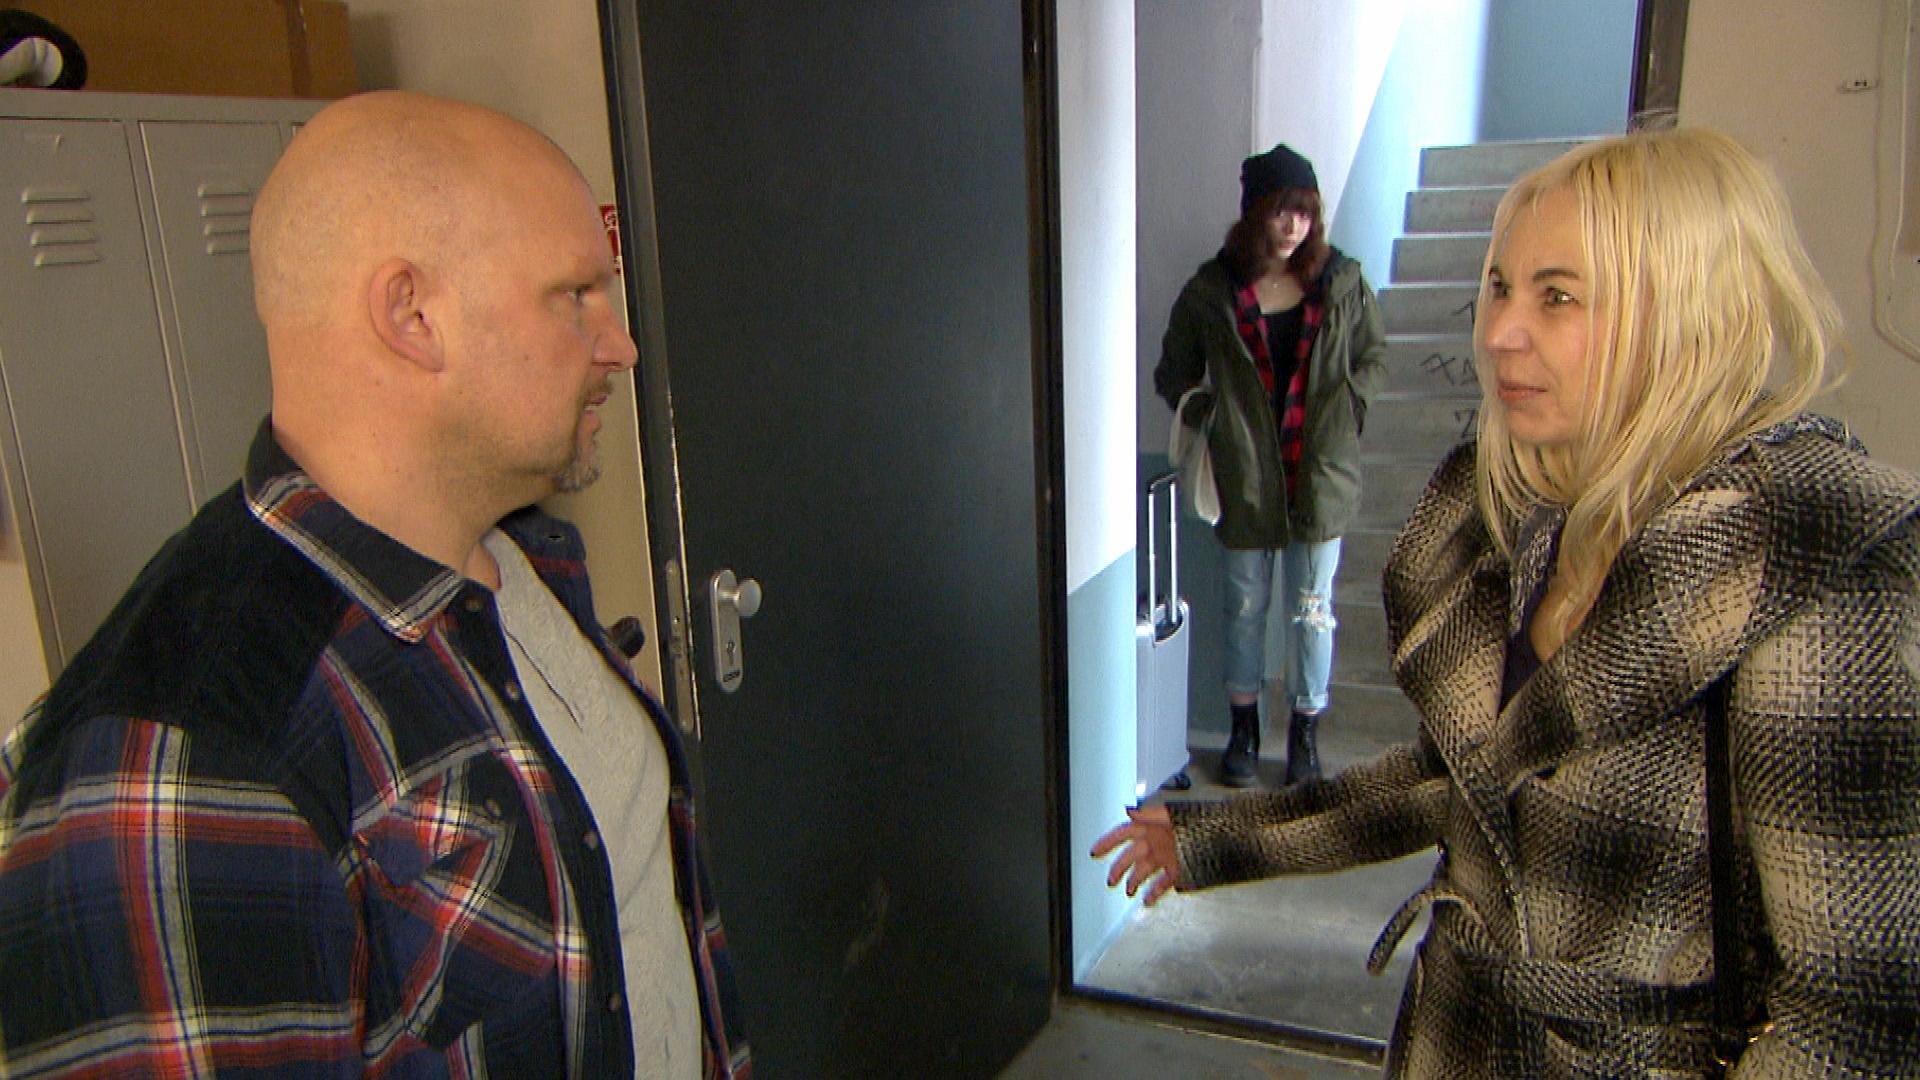 Joe fällt aus allen Wolken, als nach 20 Jahren seine Schwester vor der Tür steht. Ulrikes Auftauchen wühlt ihn dermaßen auf, dass er sie rausschmeißt und überfordert flüchtet. (Quelle: RTL 2)